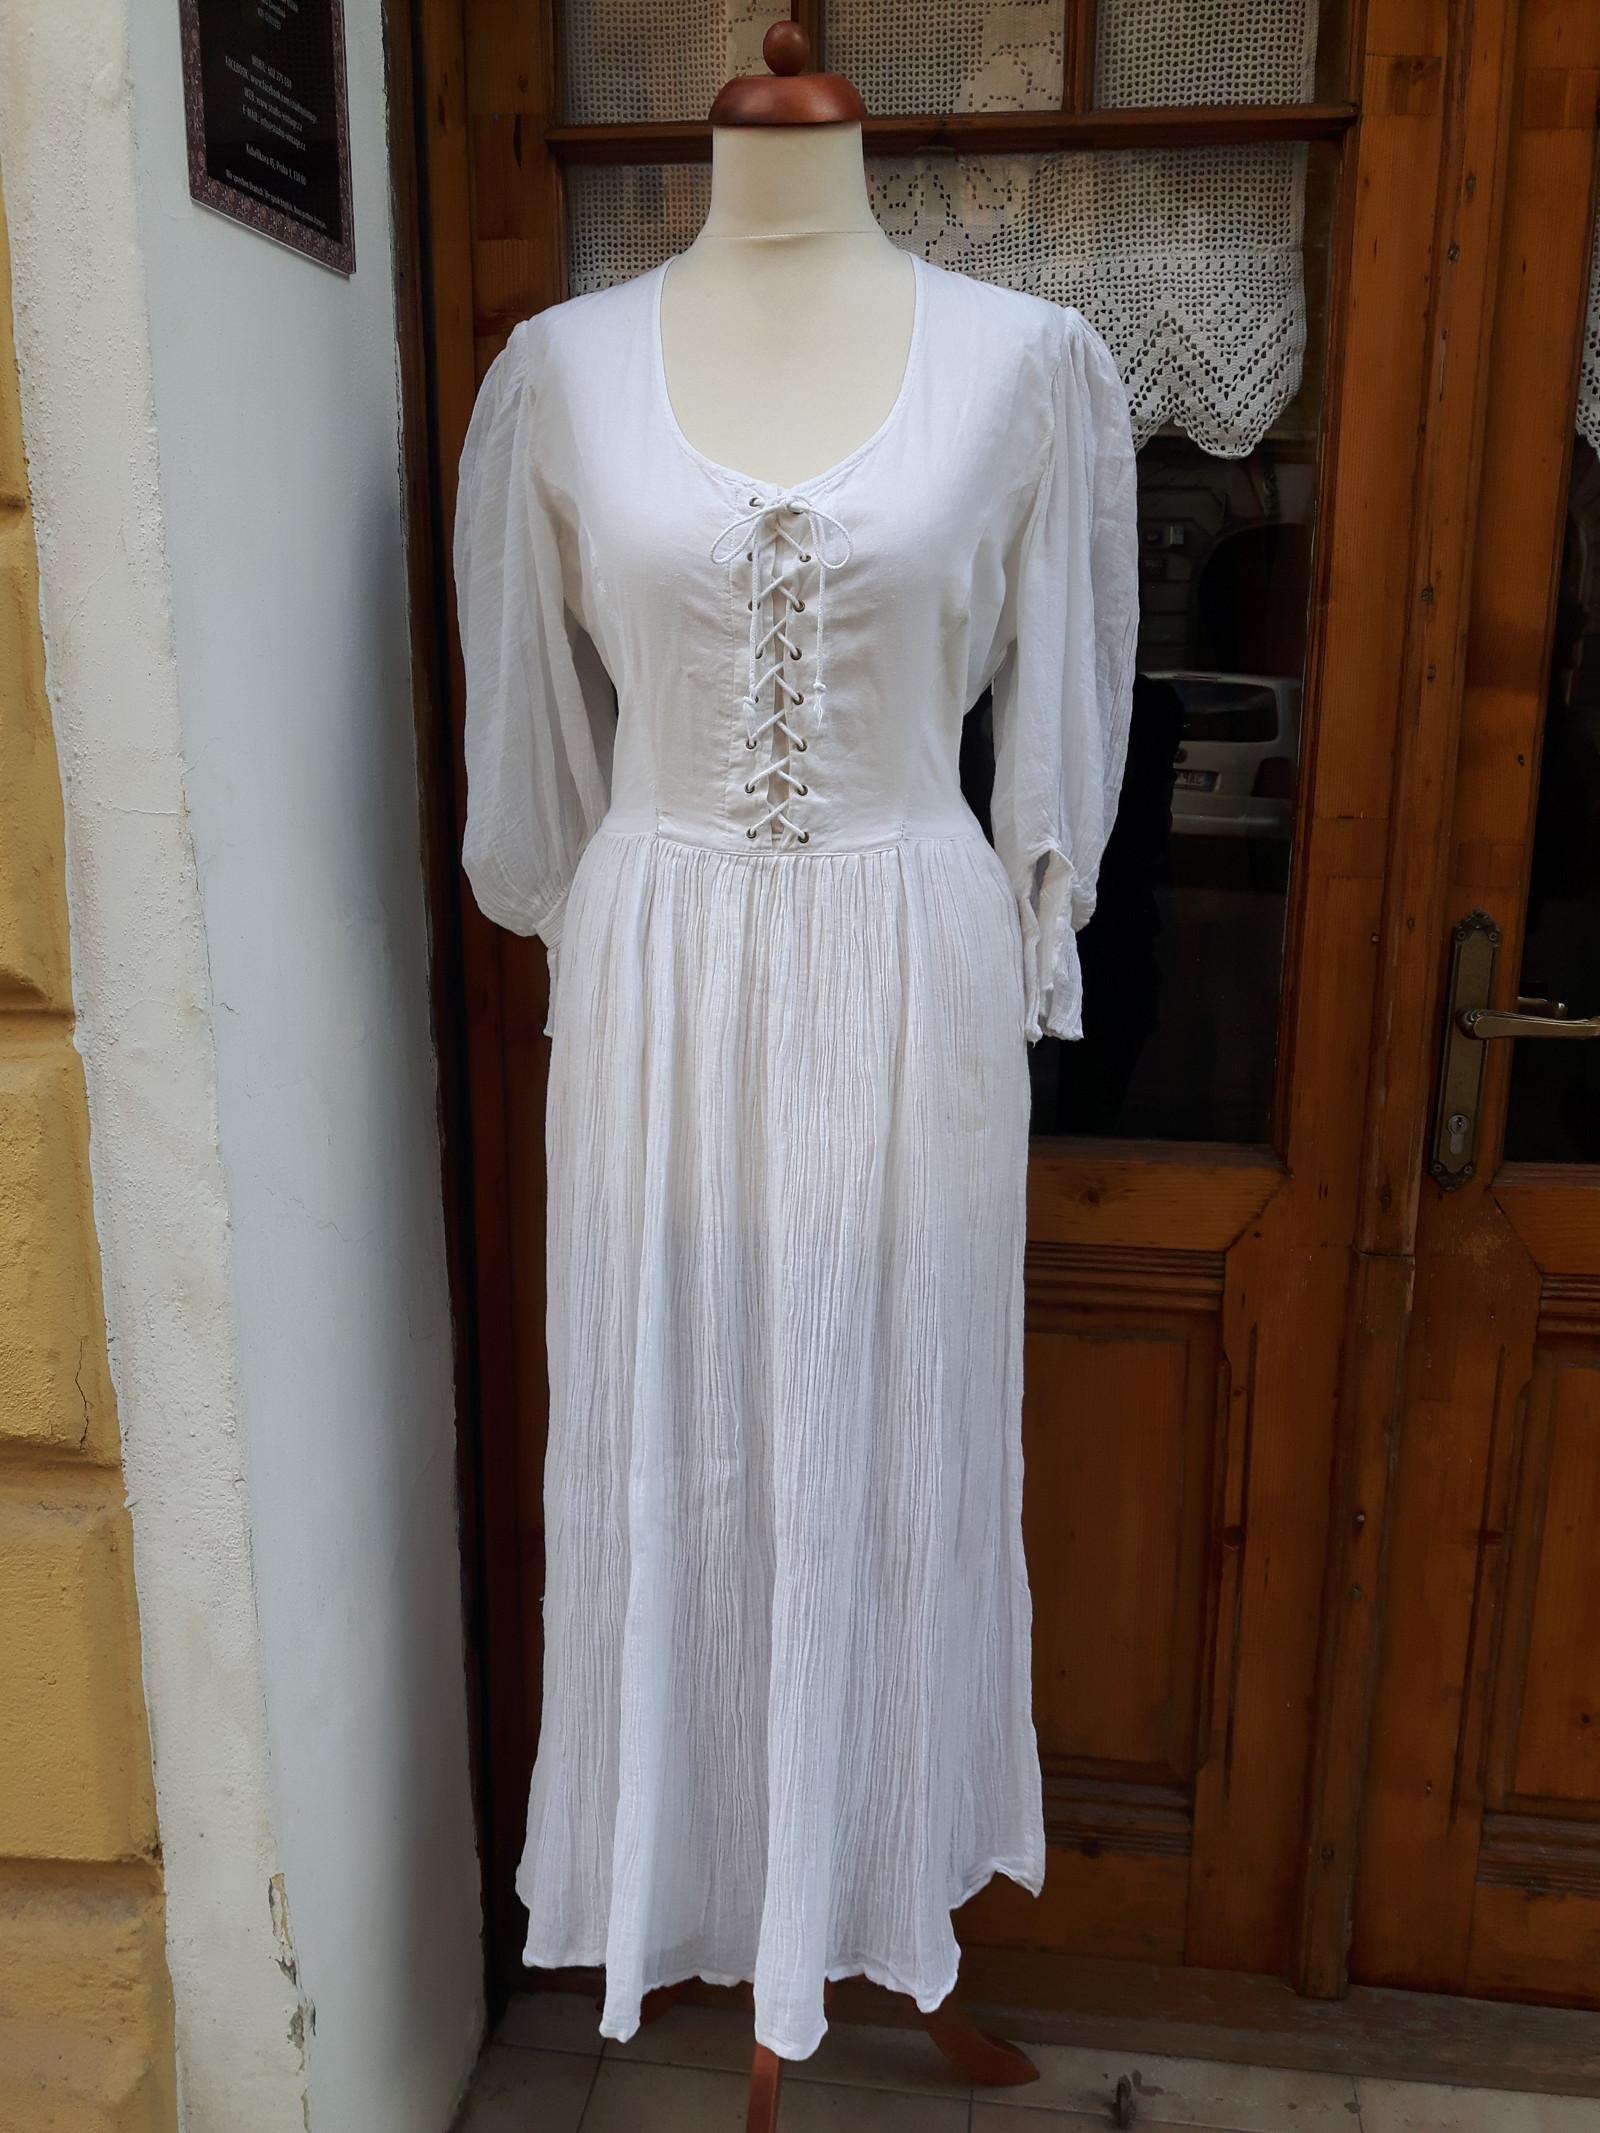 Bílé bavlněné šaty se šněrováním   Zboží prodejce Studio Vintage ... 060ee05227